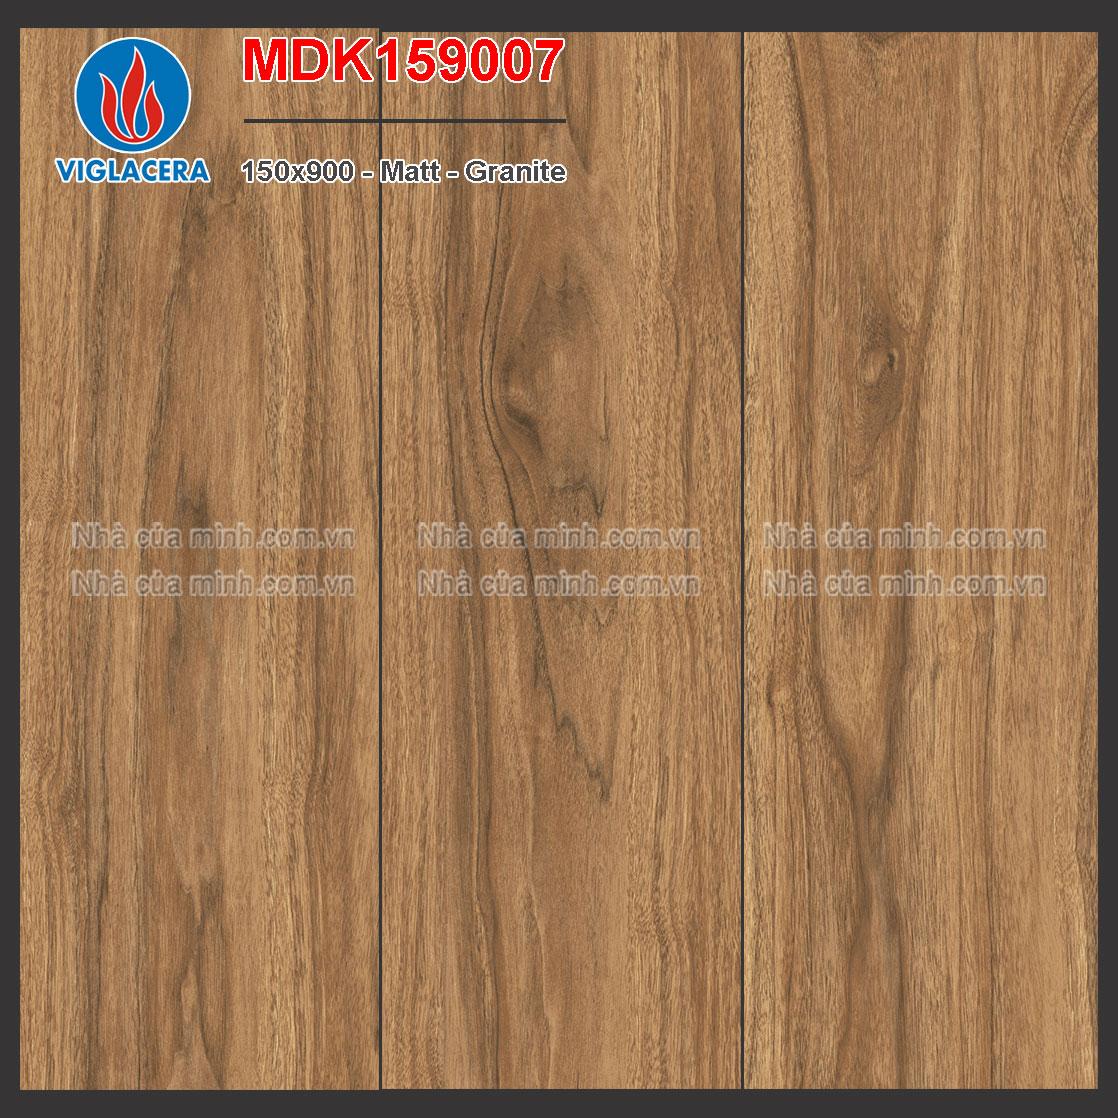 Gạch vân gỗ 150x900 Viglacera MDK159007 giá tốt